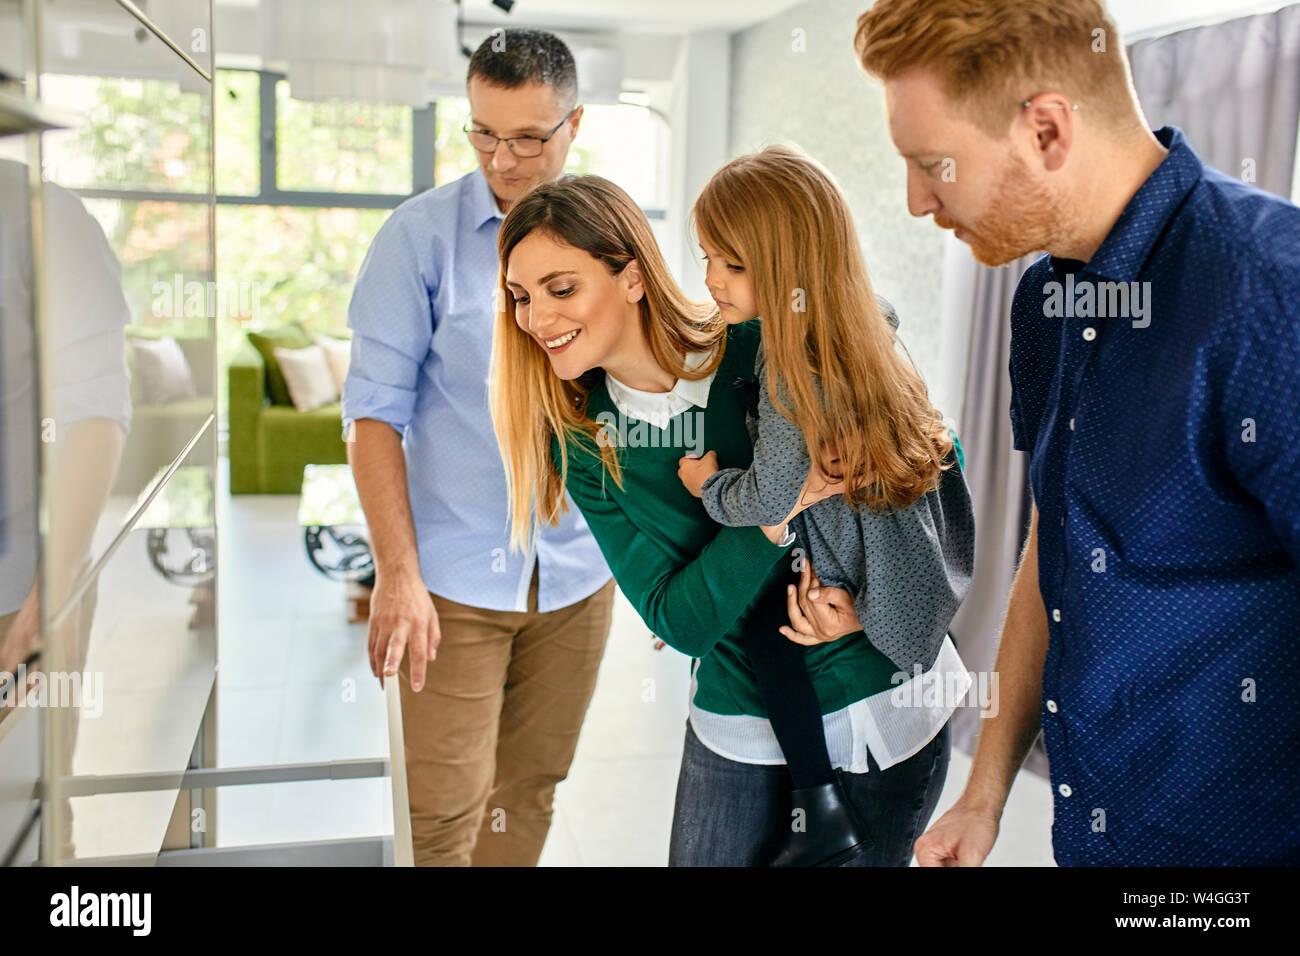 Family shopping pour une nouvelle cuisine en showroom Banque D'Images